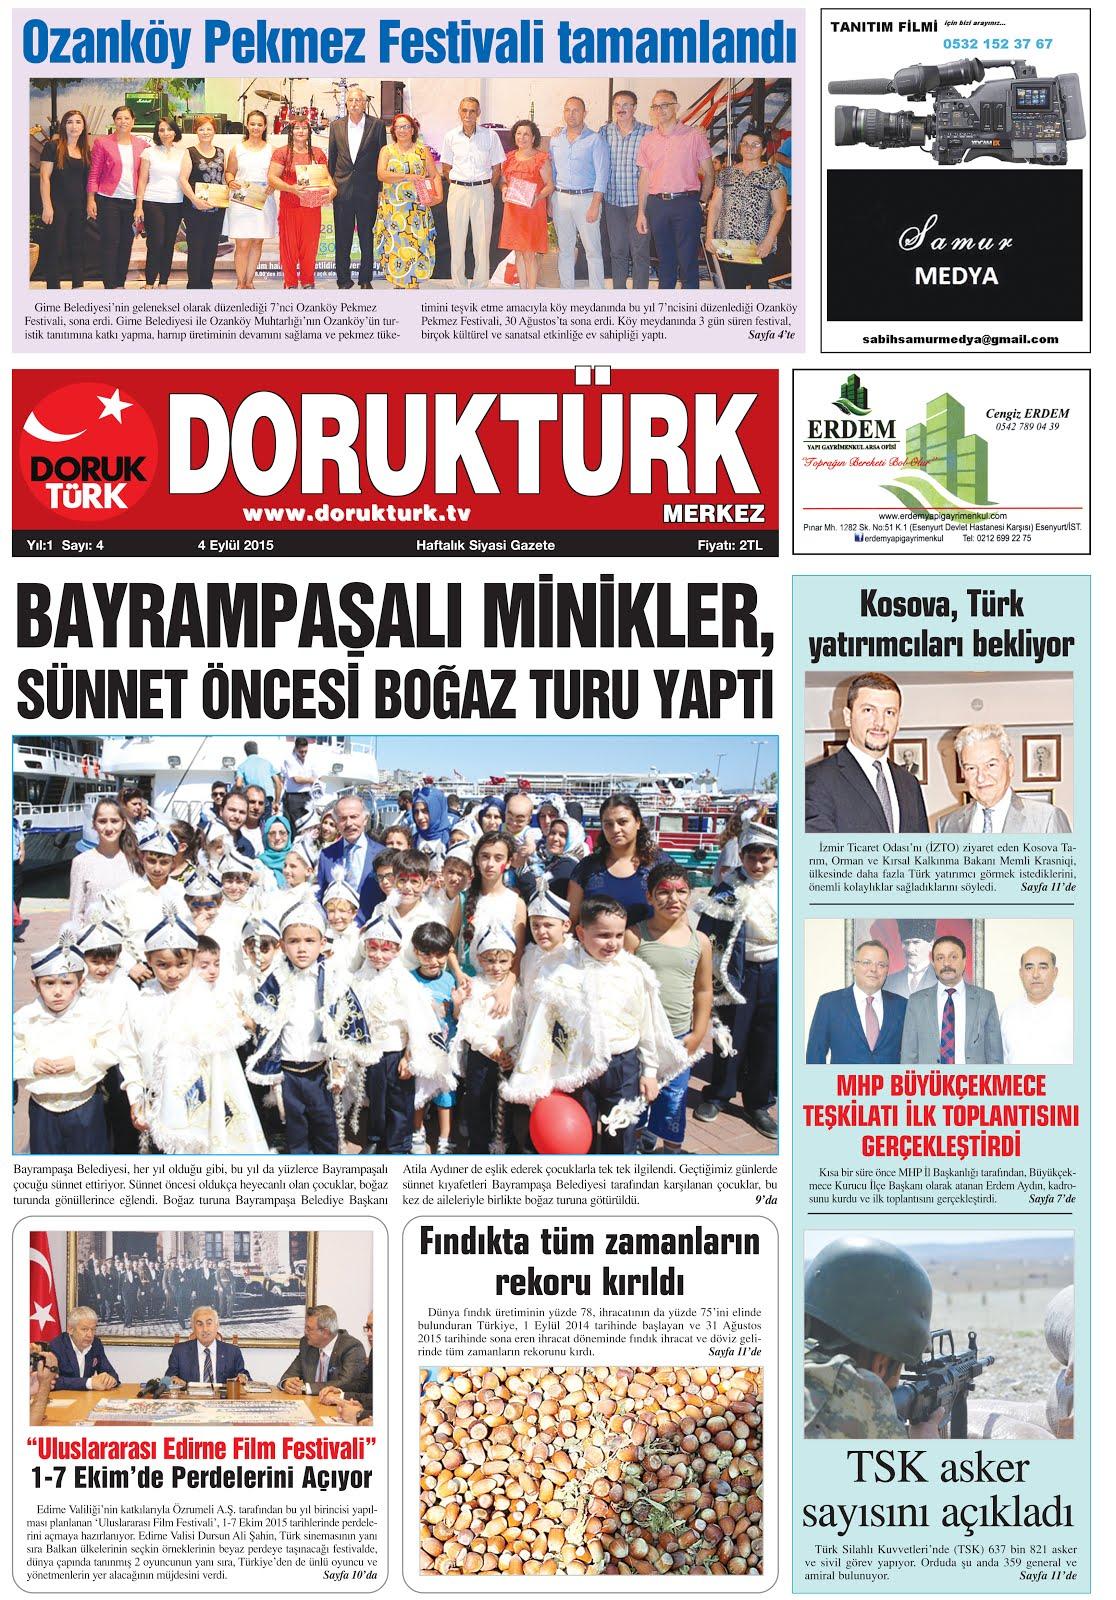 DORUKTÜRK MERKEZ Gazetesi